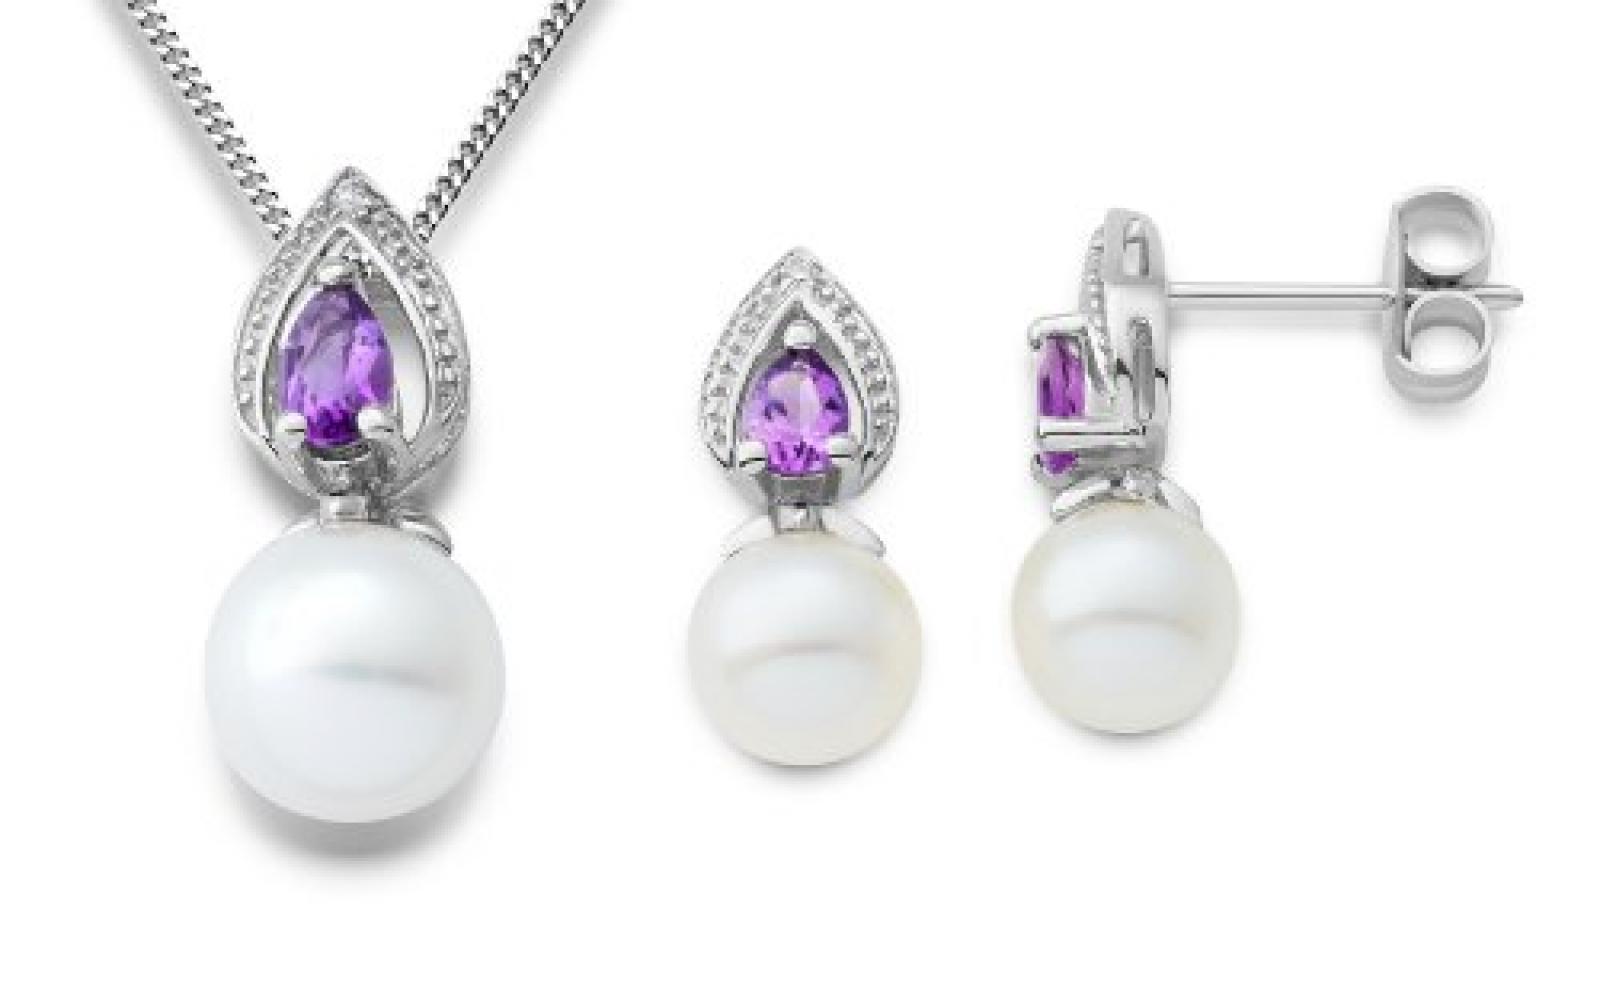 Miore Damen-Set: Halskette + Ohrringe Süßwasser-Zuchtperlen Tropfen Amethyst und Diamant 9 Karat 375 Weißgold MSET020